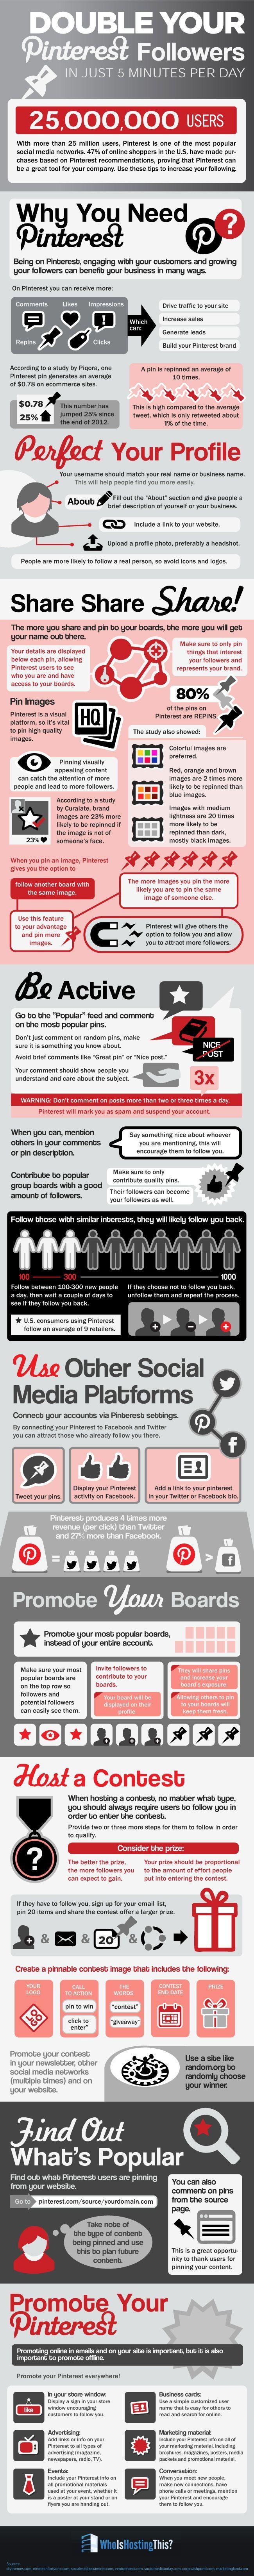 Cómo duplicar tus seguidores en Pinterest [Infografía] - TreceBits